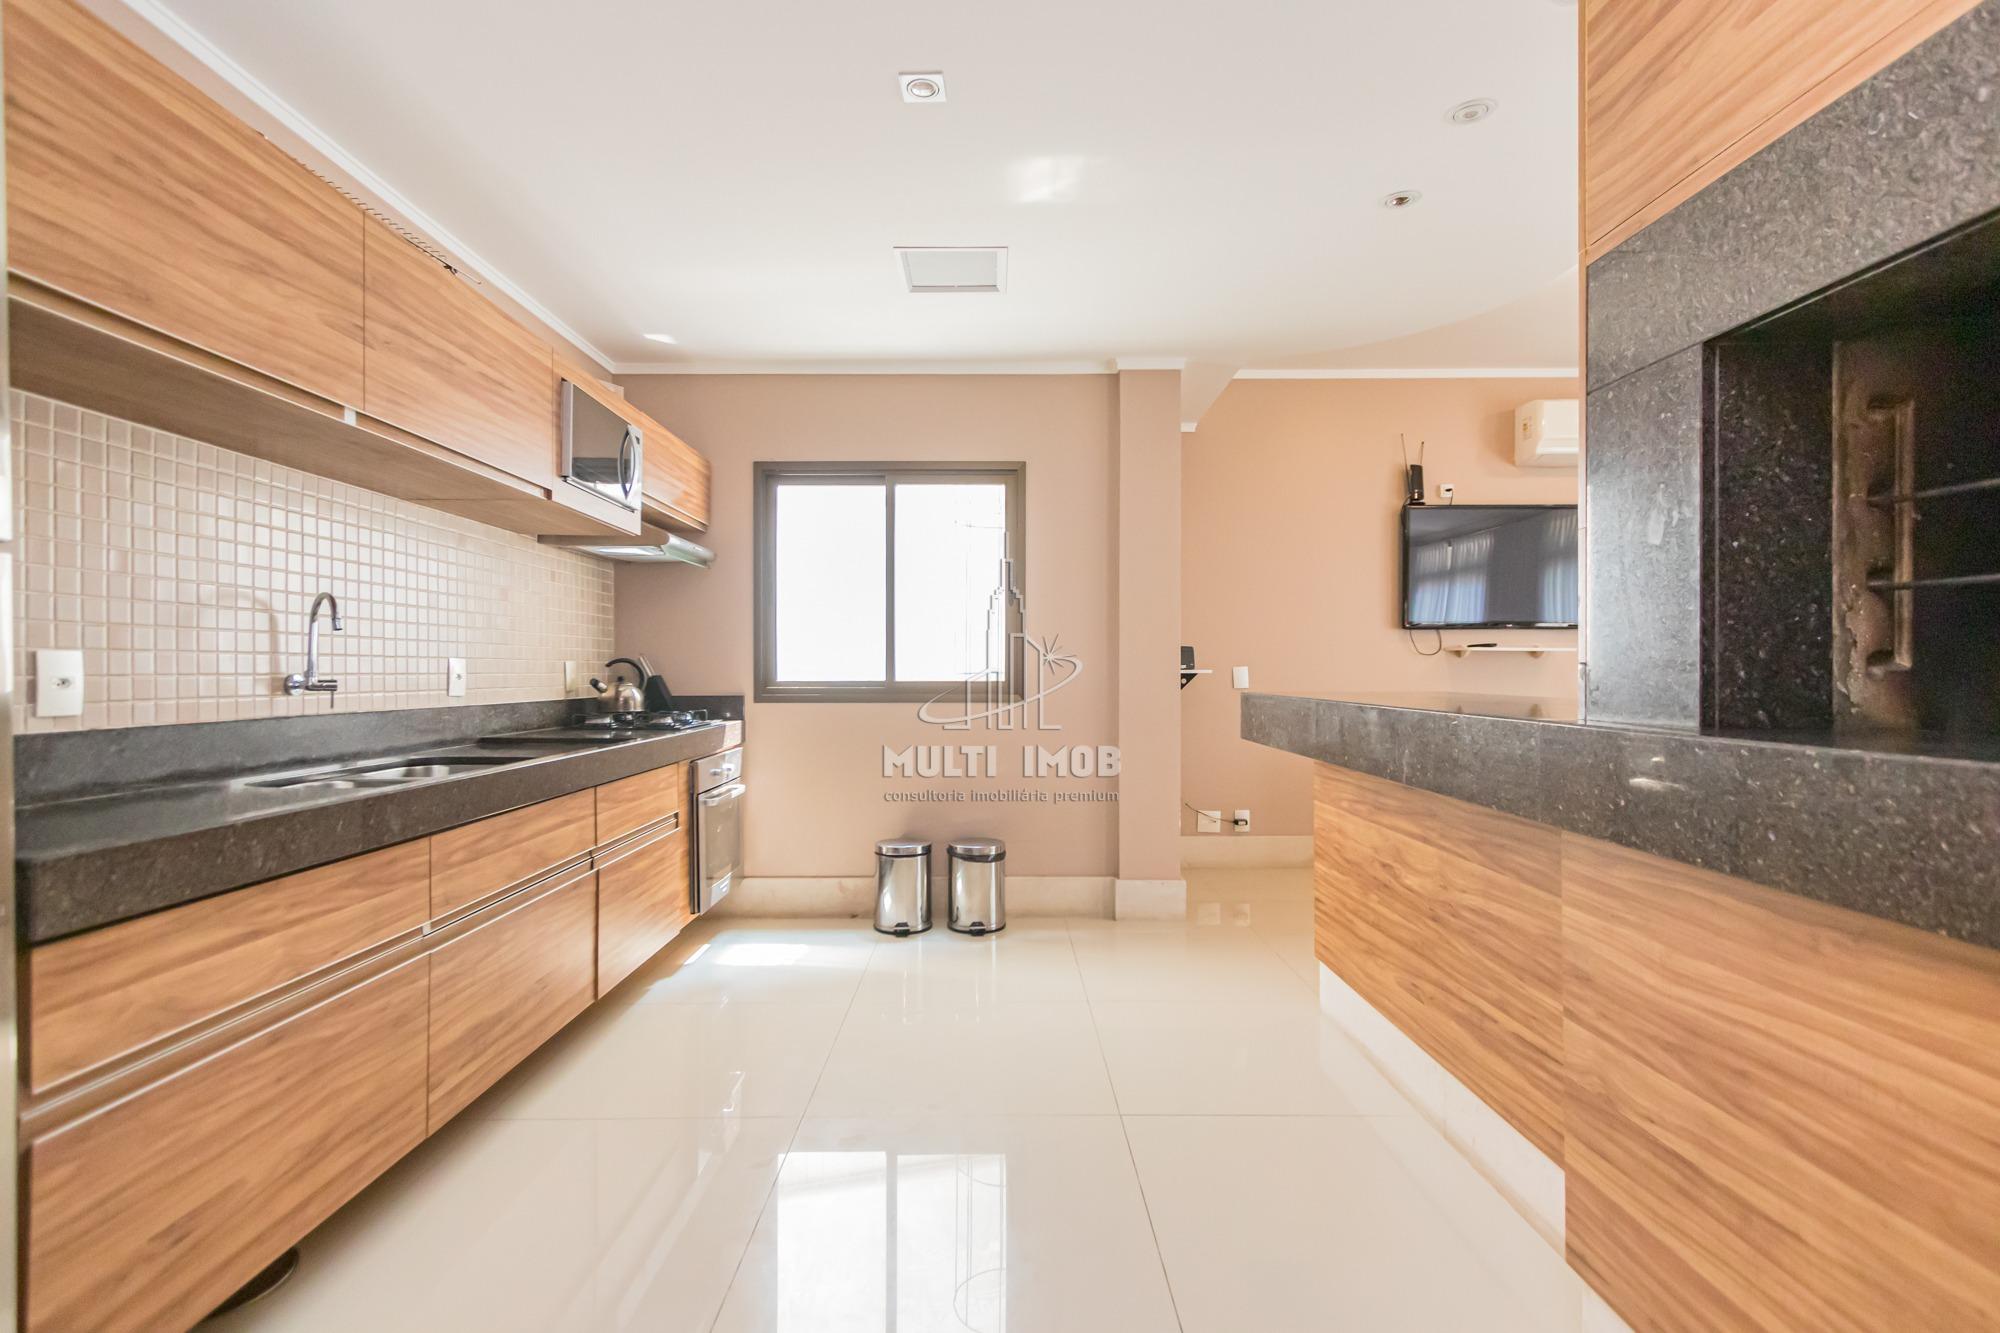 Apartamento  3 Dormitórios  3 Suítes  4 Vagas de Garagem Venda Bairro Bela Vista em Porto Alegre RS